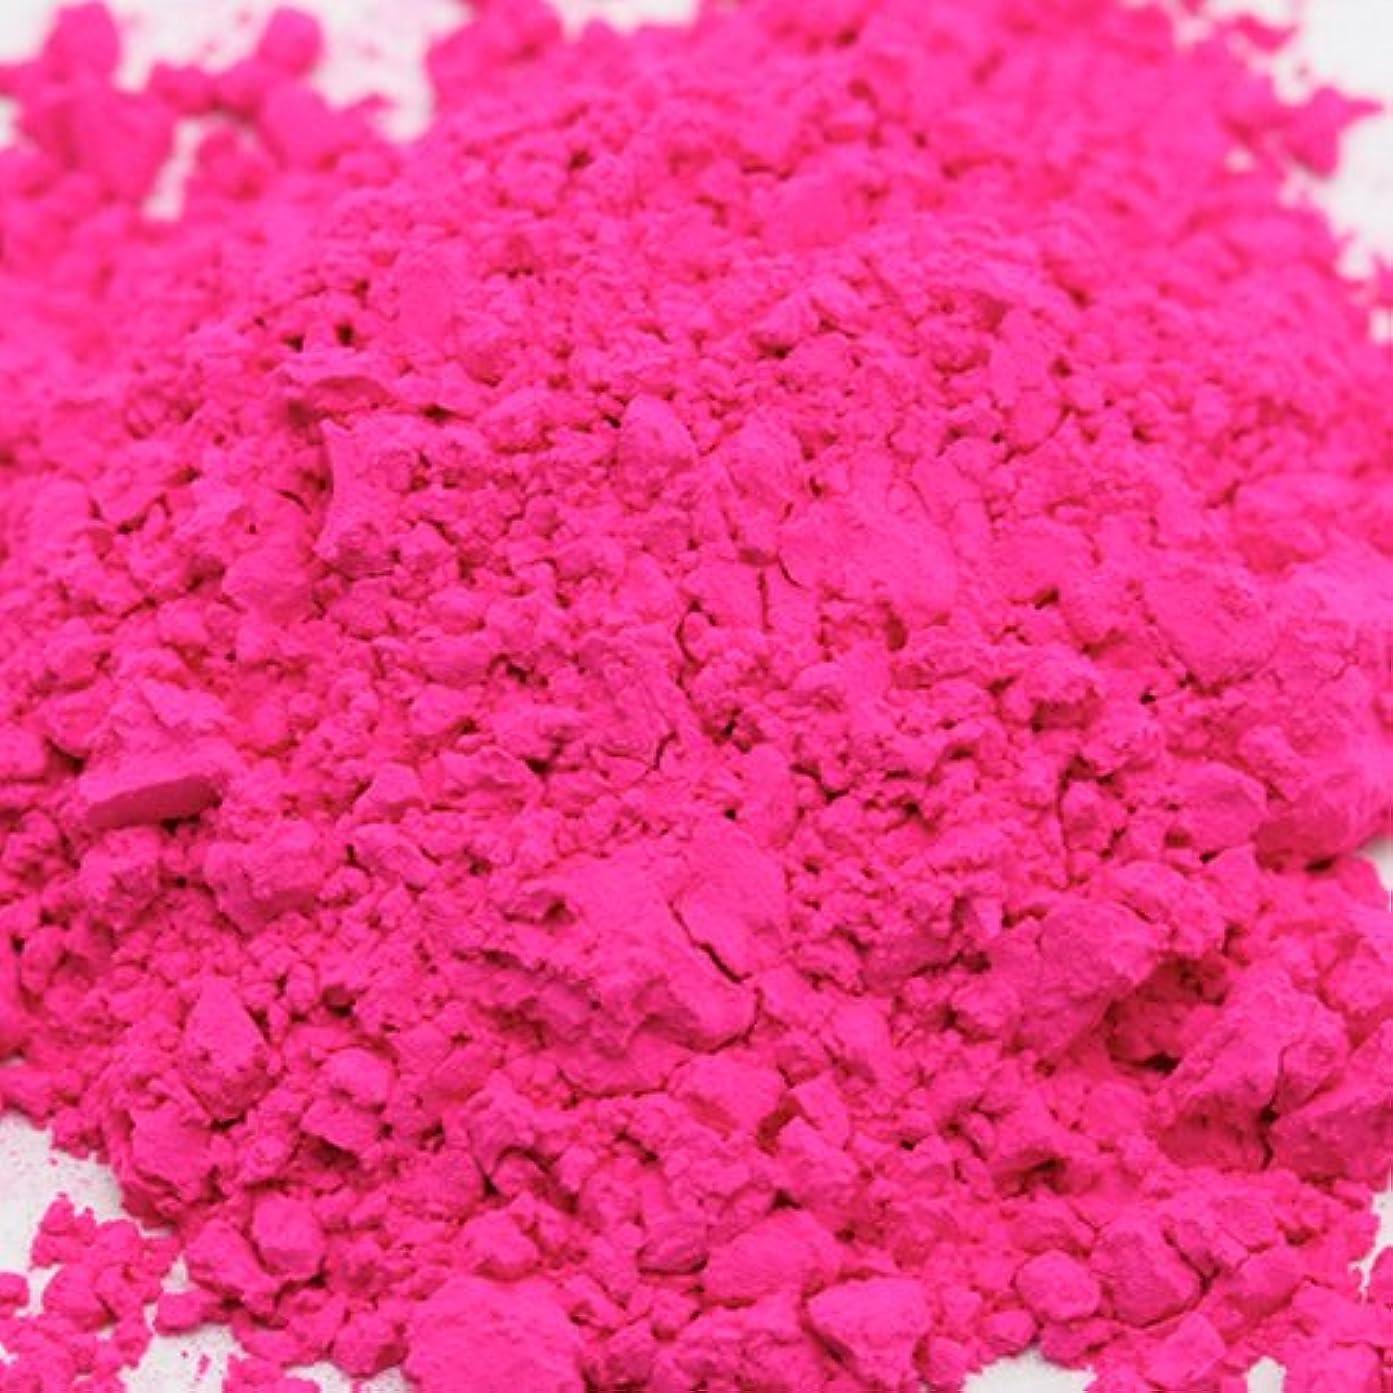 日断言する発見するキャンディカラー ピンク 5g 【手作り石鹸/手作りコスメ/色付け/カラーラント】